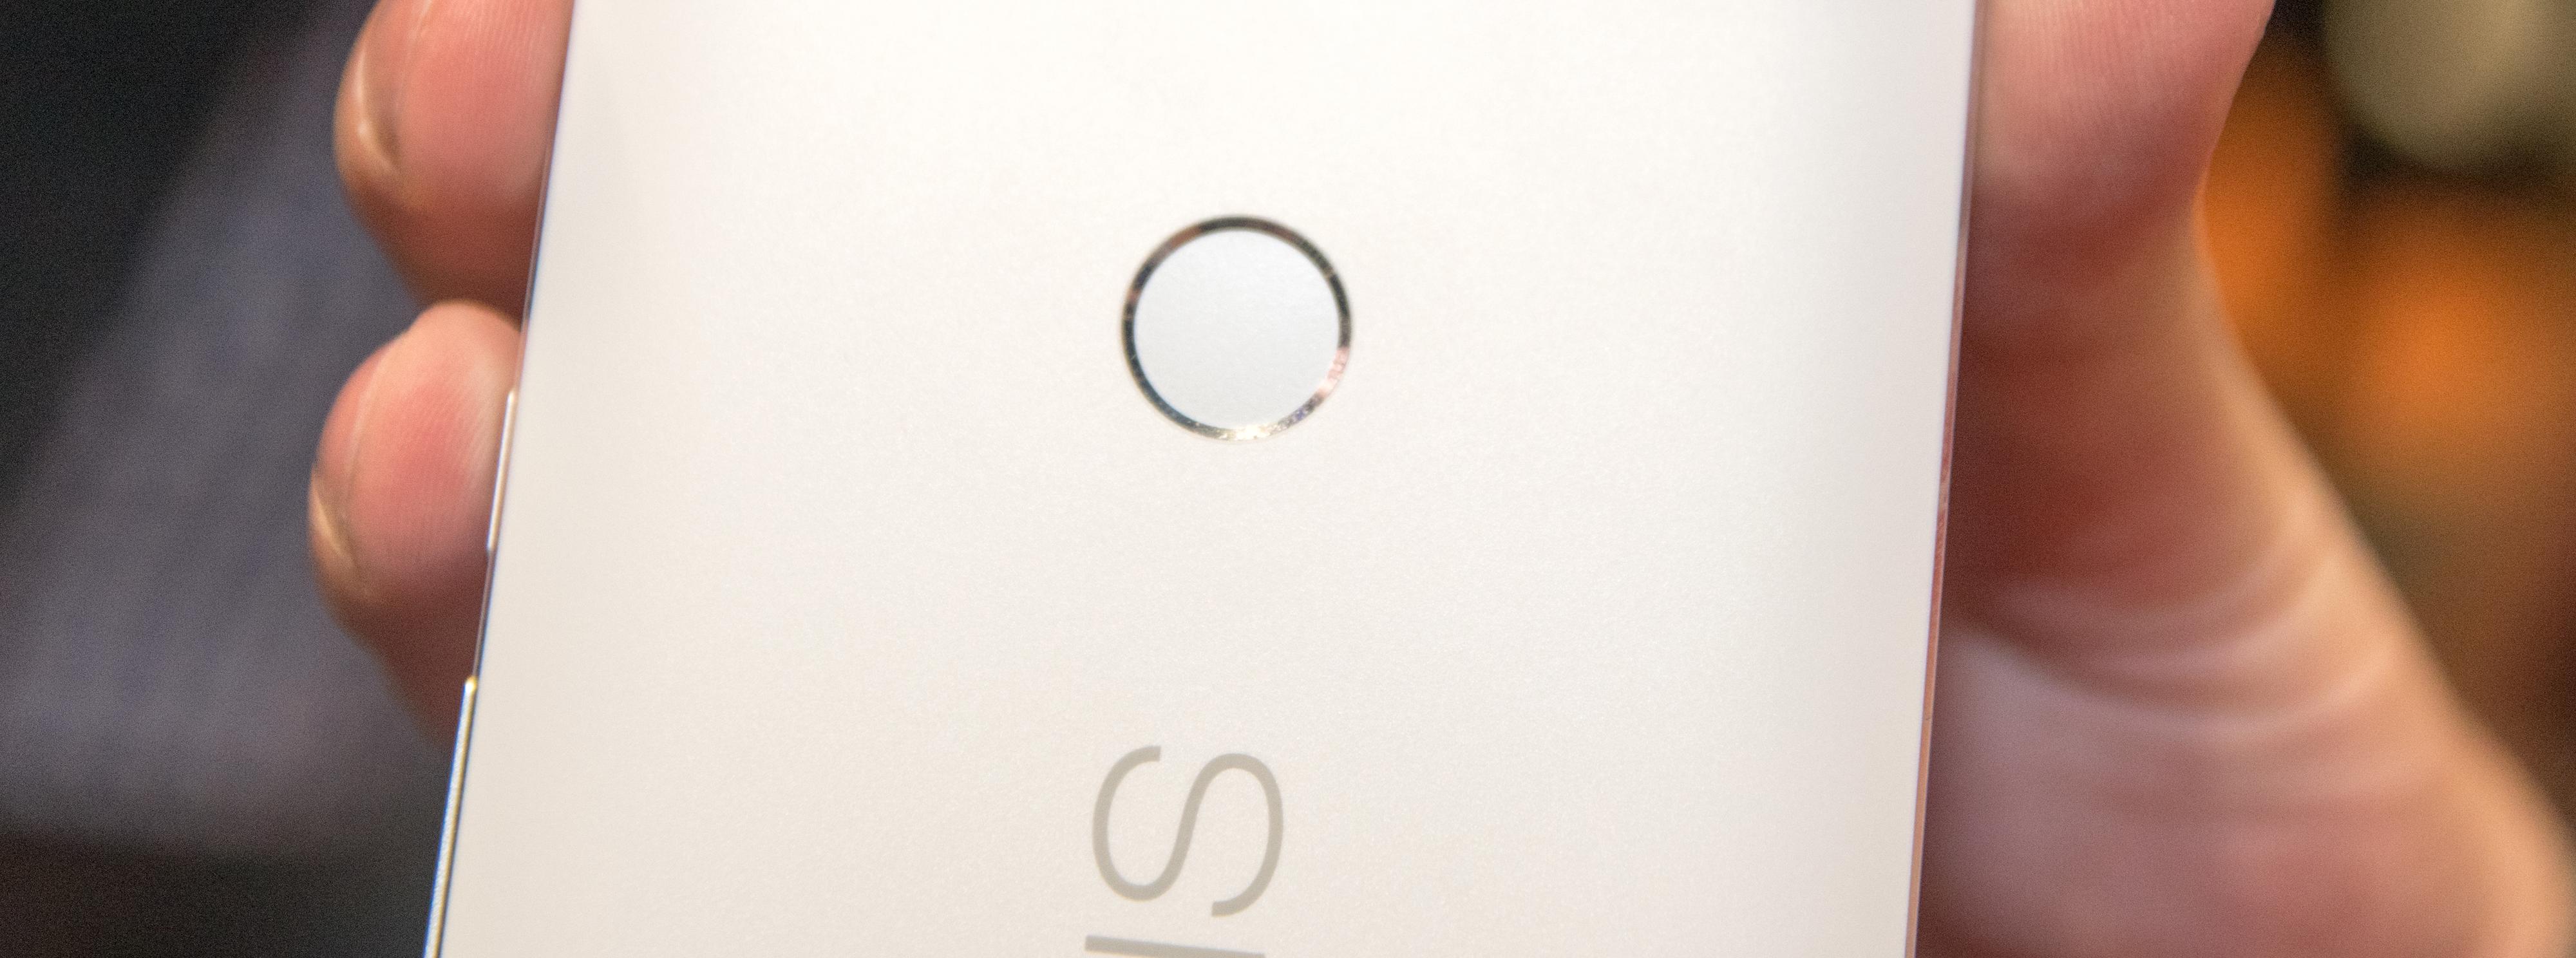 Fingerleseren i Nexus 6P er plasert midt på baksiden, og burde være grei å nå for de fleste. Foto: Finn Jarle Kvalheim, Tek.no